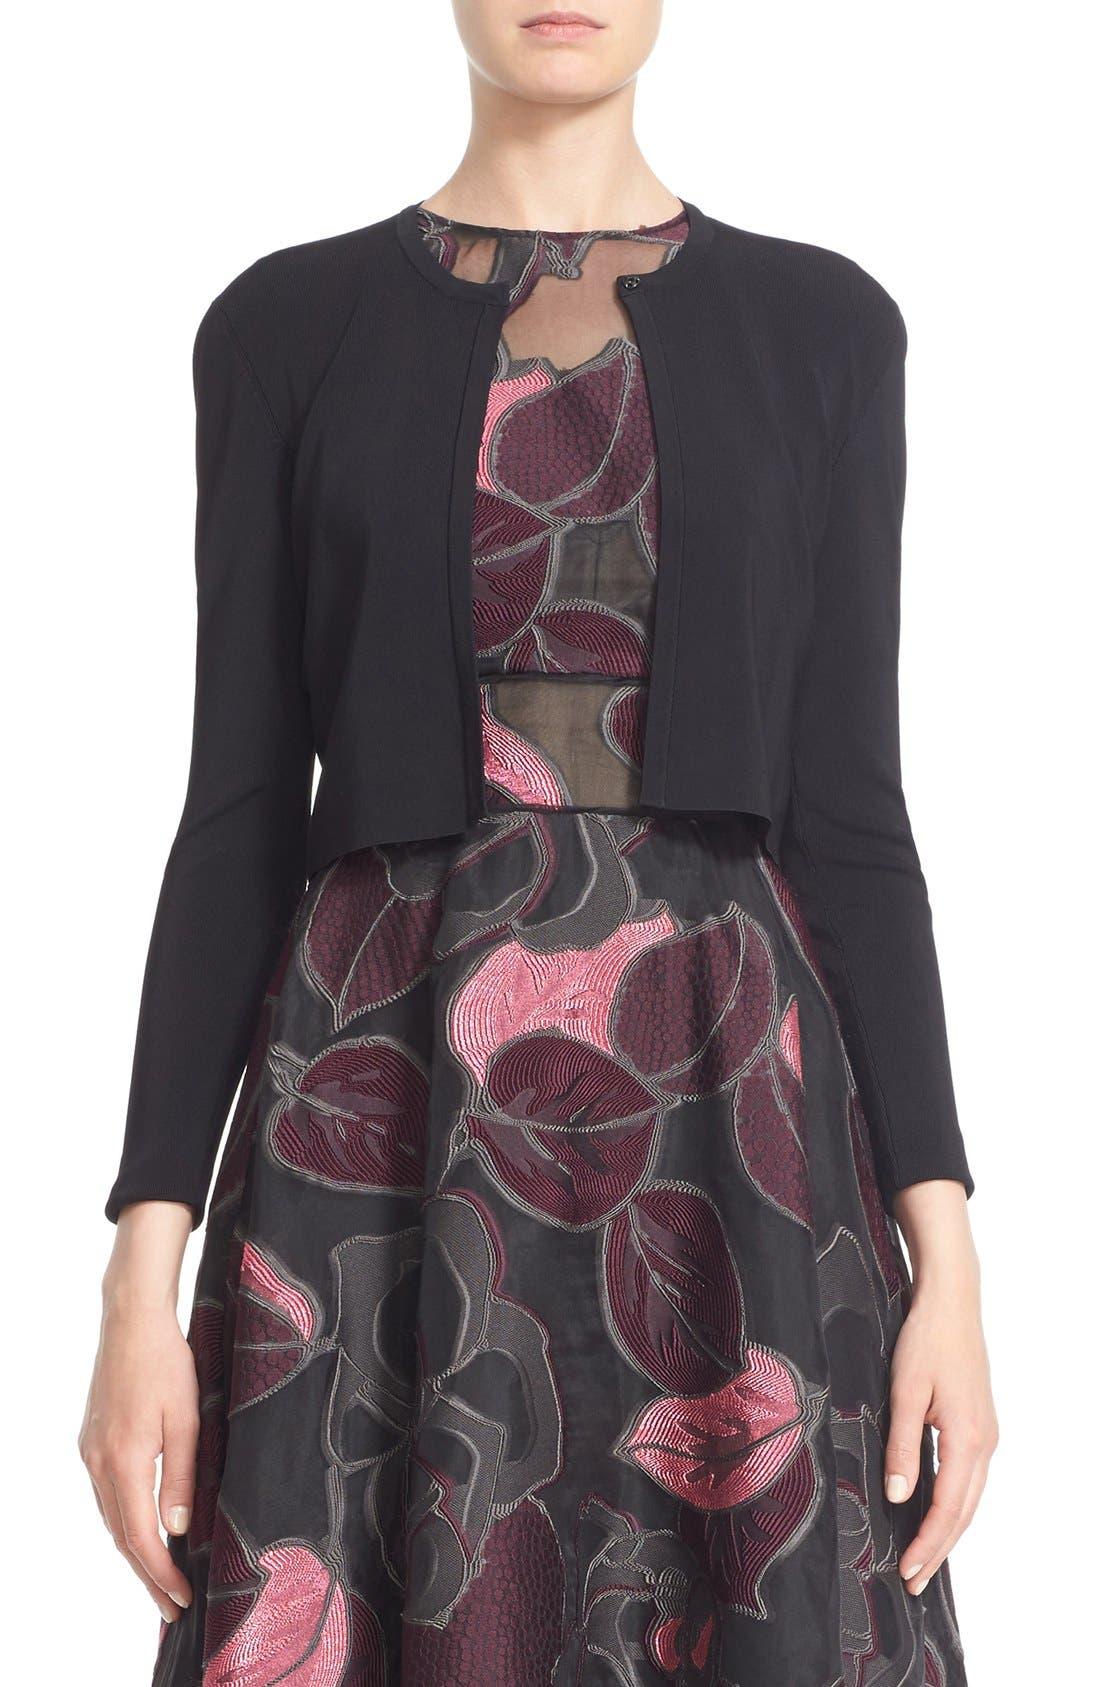 LELA ROSE Cropped Knit Cardigan